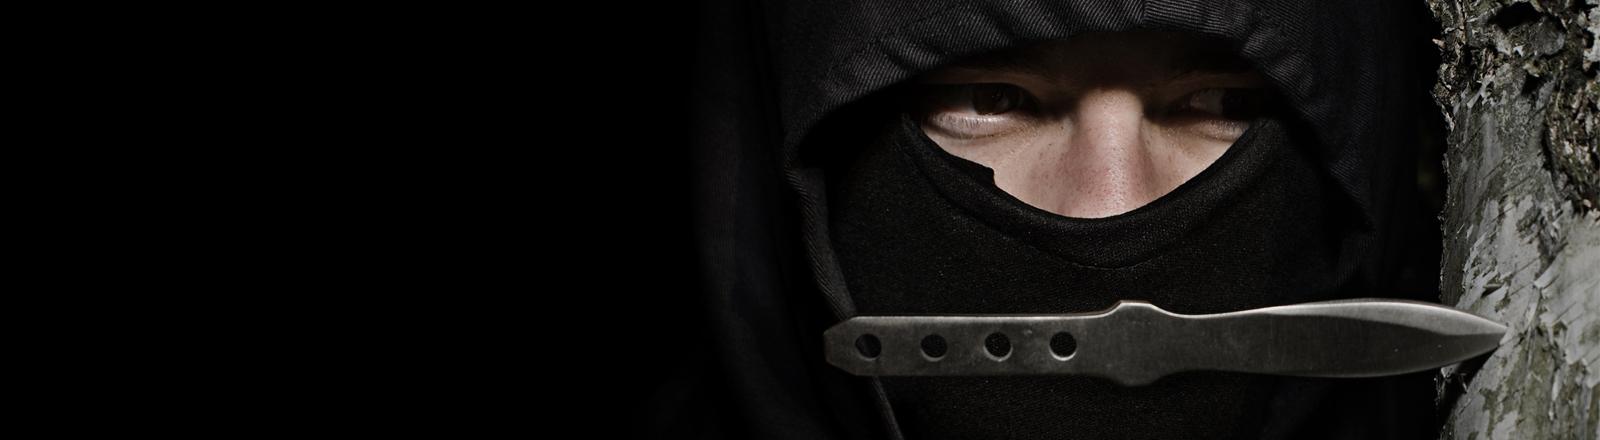 Ein vermummter Mann schaut bedrohlich über ein Messer.